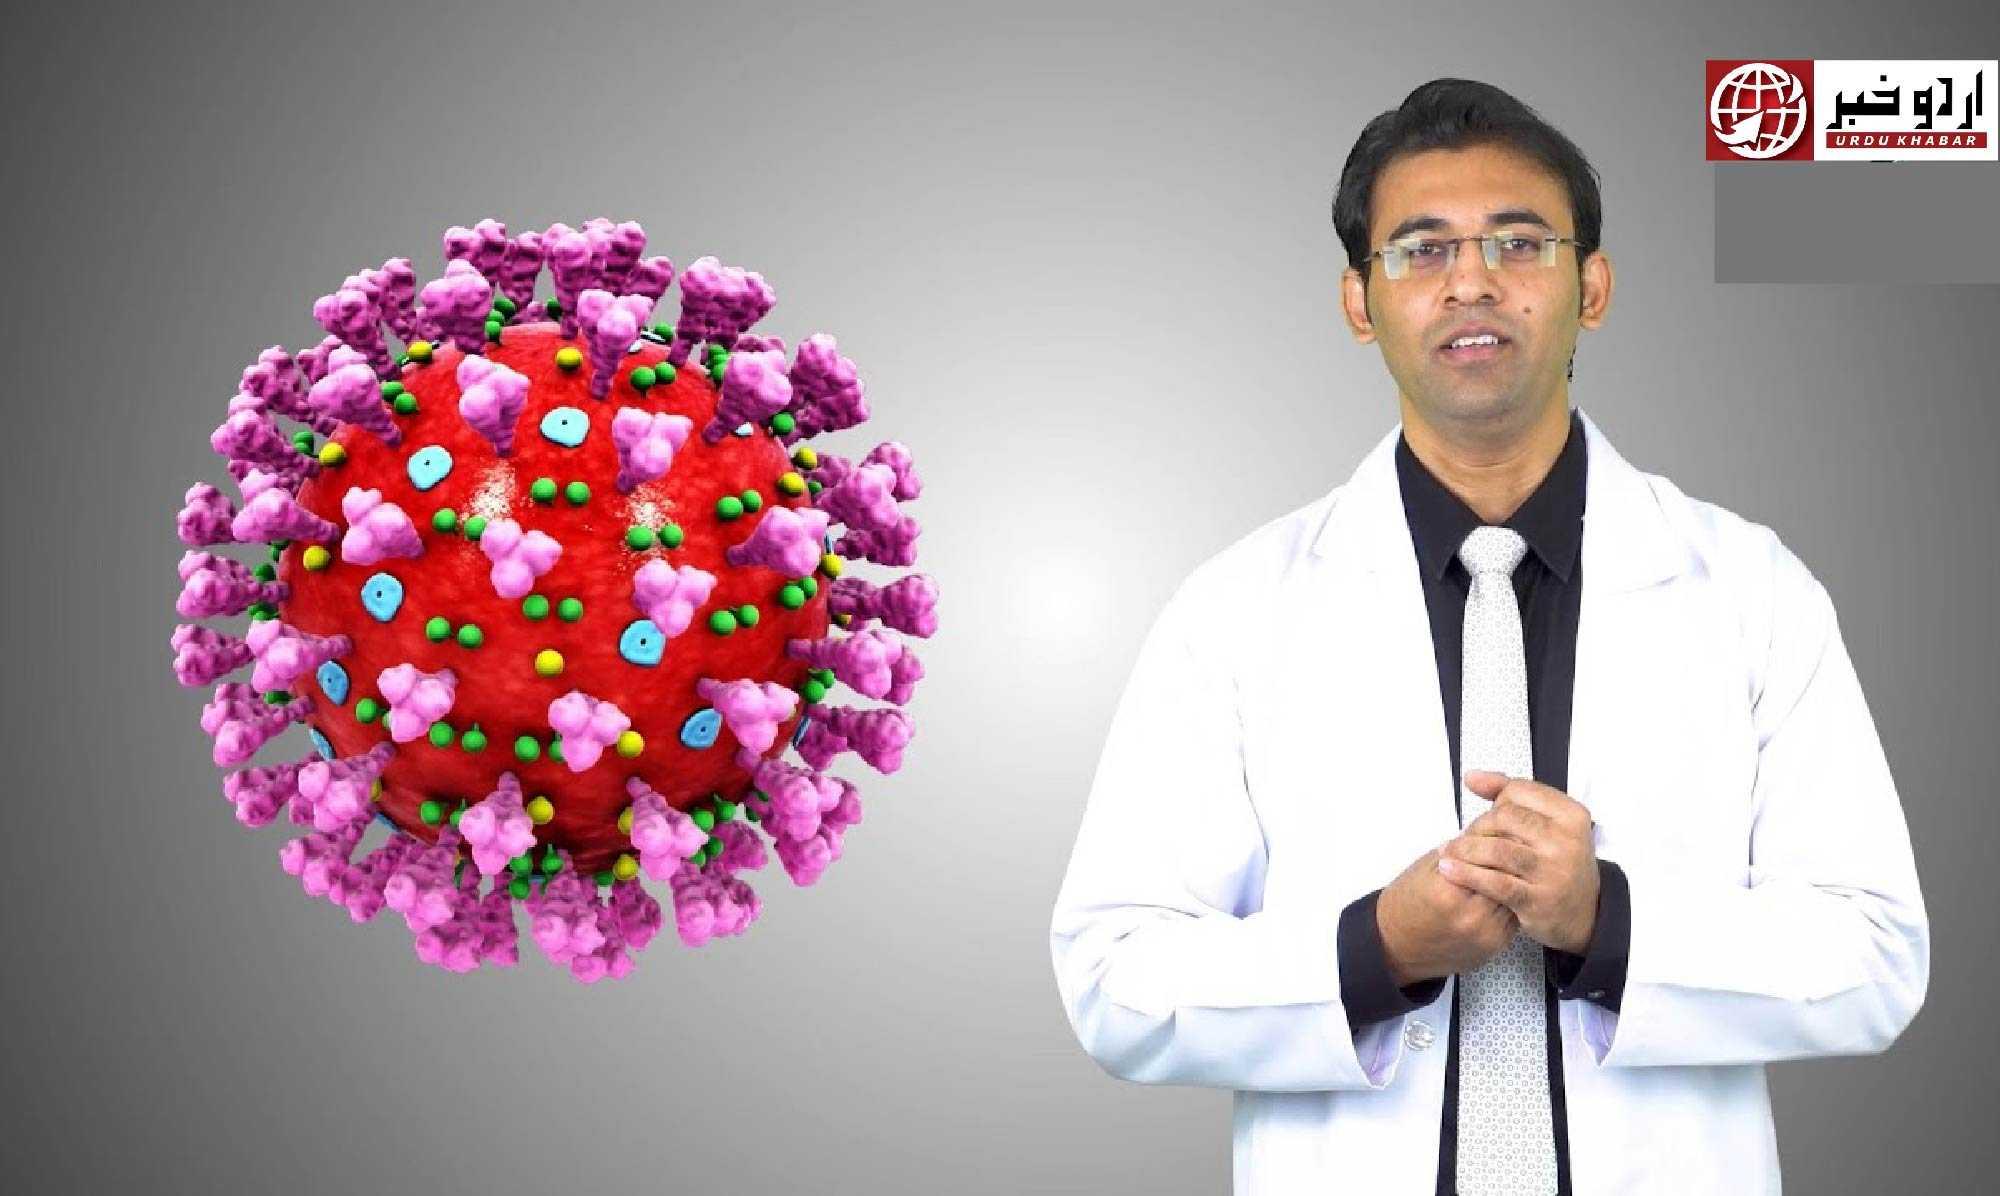 یوٹیوب کا کورونا وائرس متعلق غلط معلومات دینے والی ویڈیوز ڈلیٹ کرنے کا اعلان